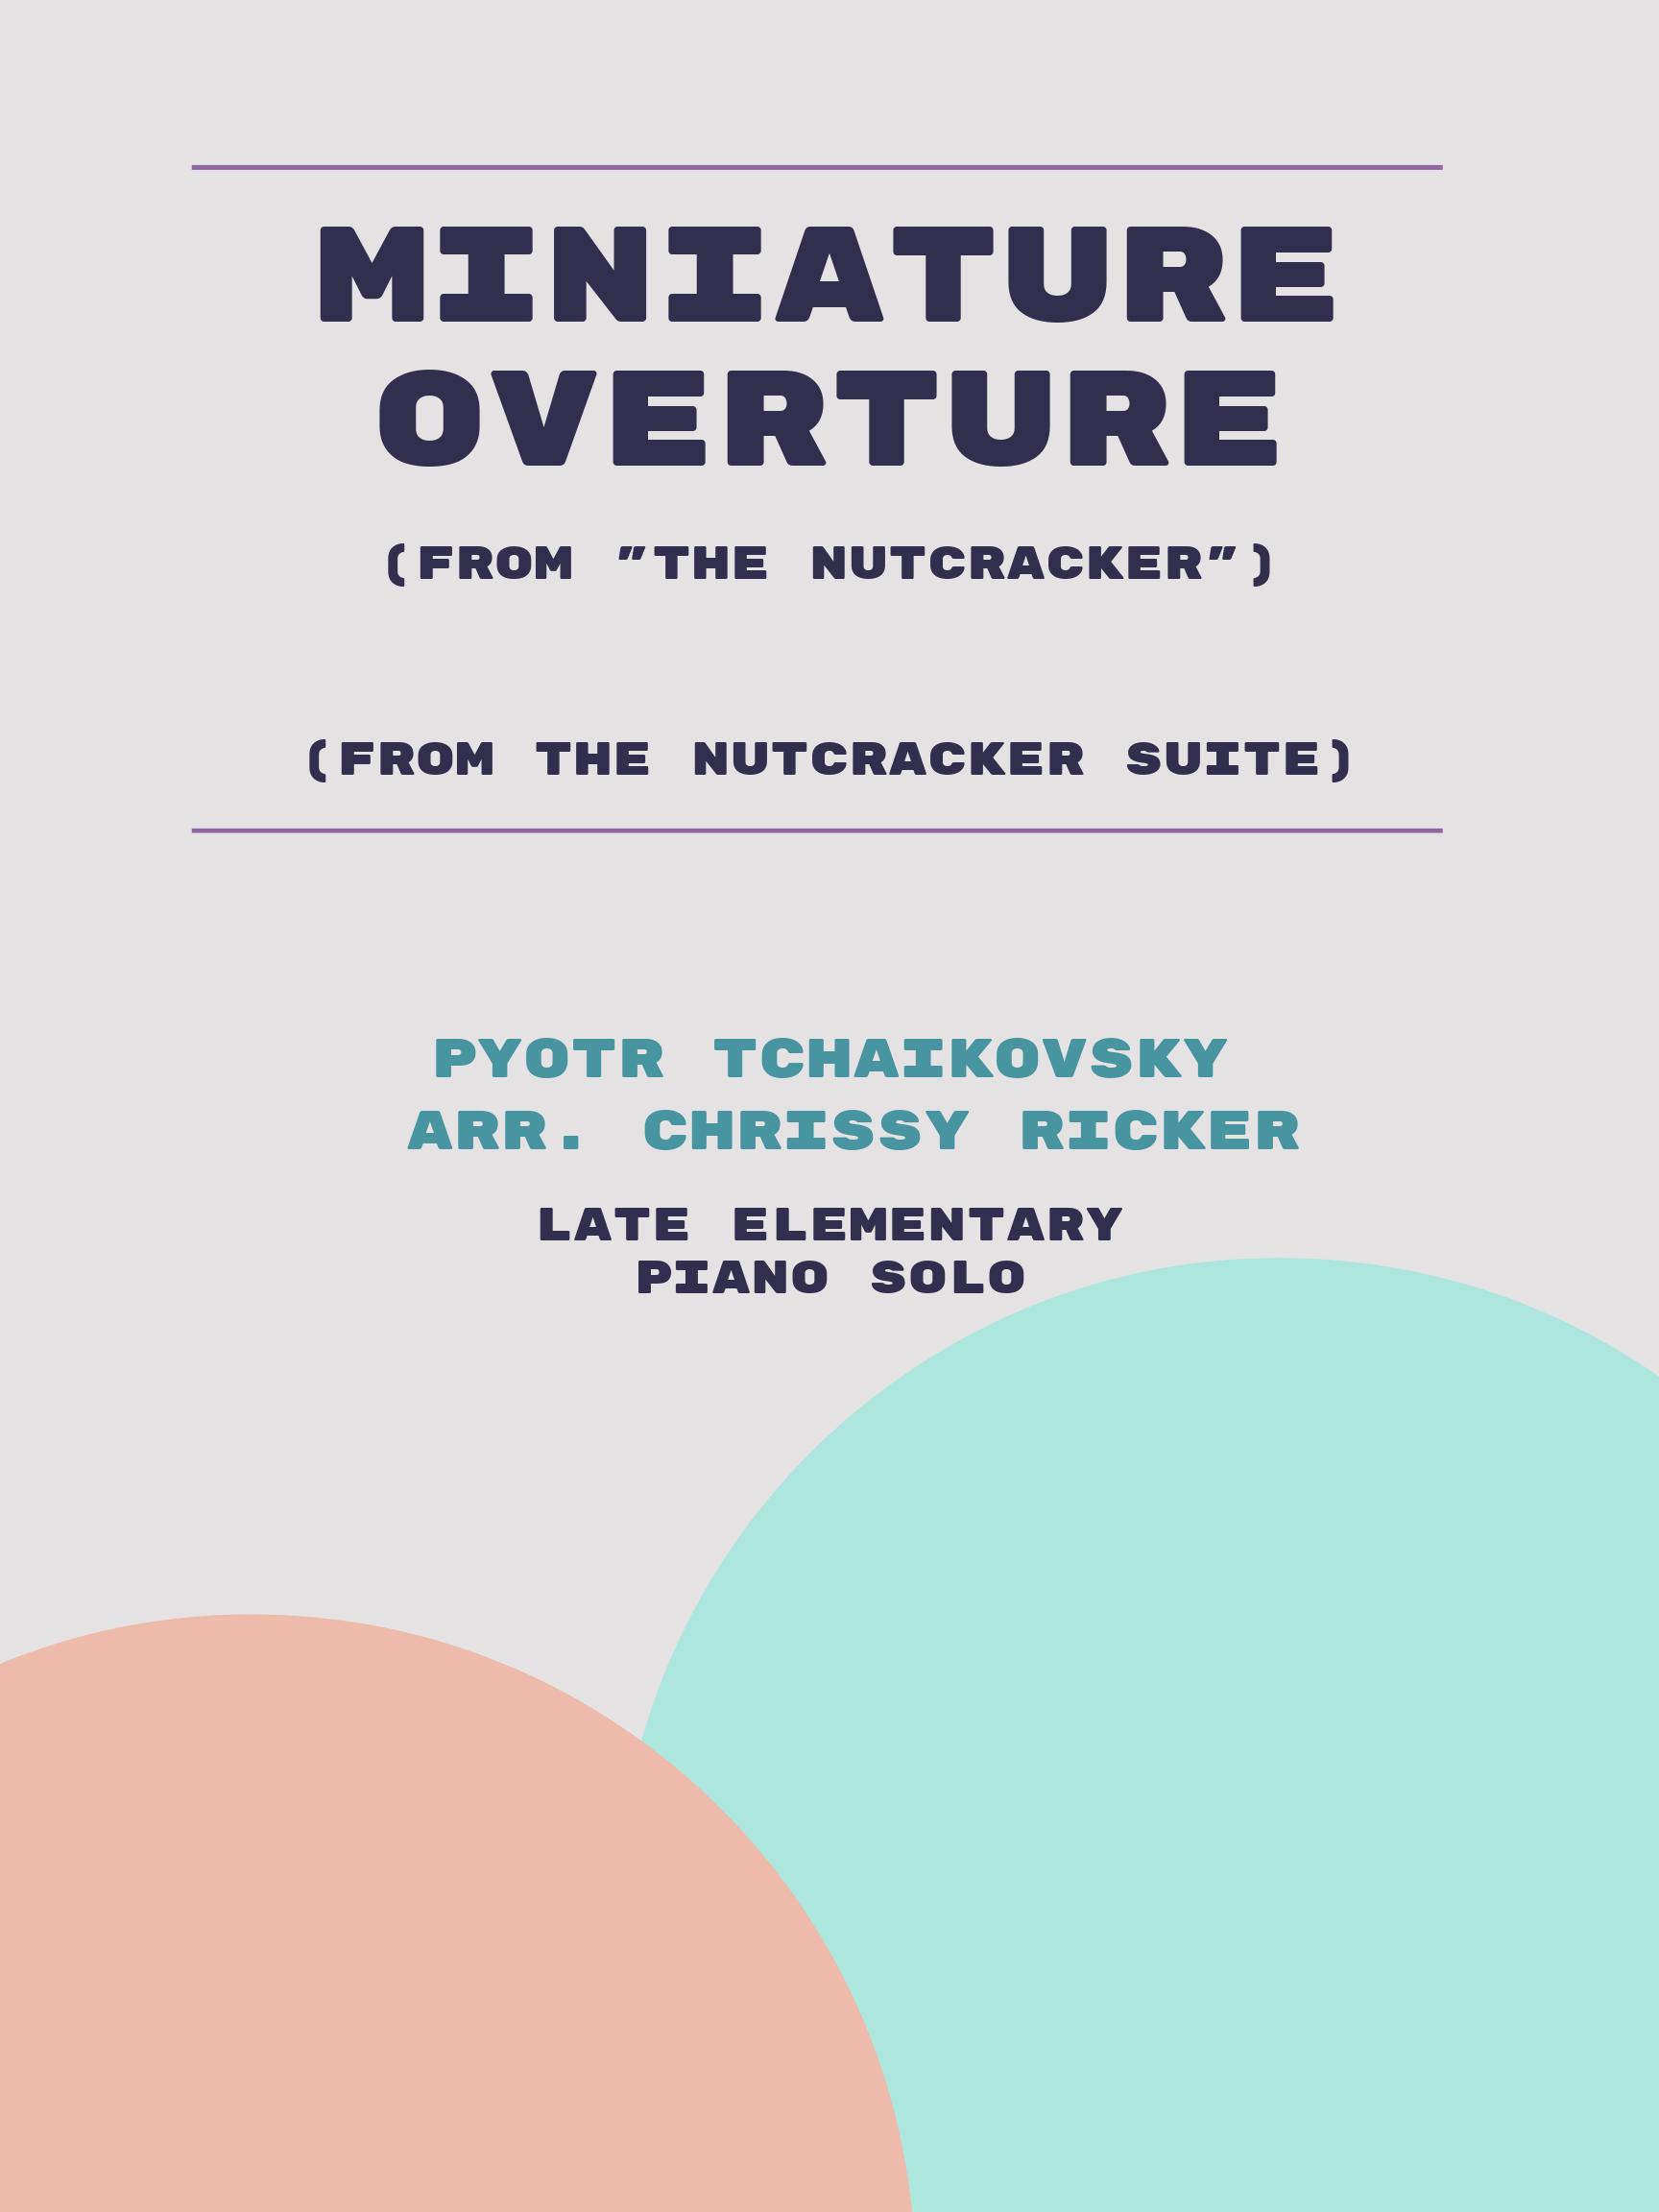 Miniature Overture by Pyotr Tchaikovsky